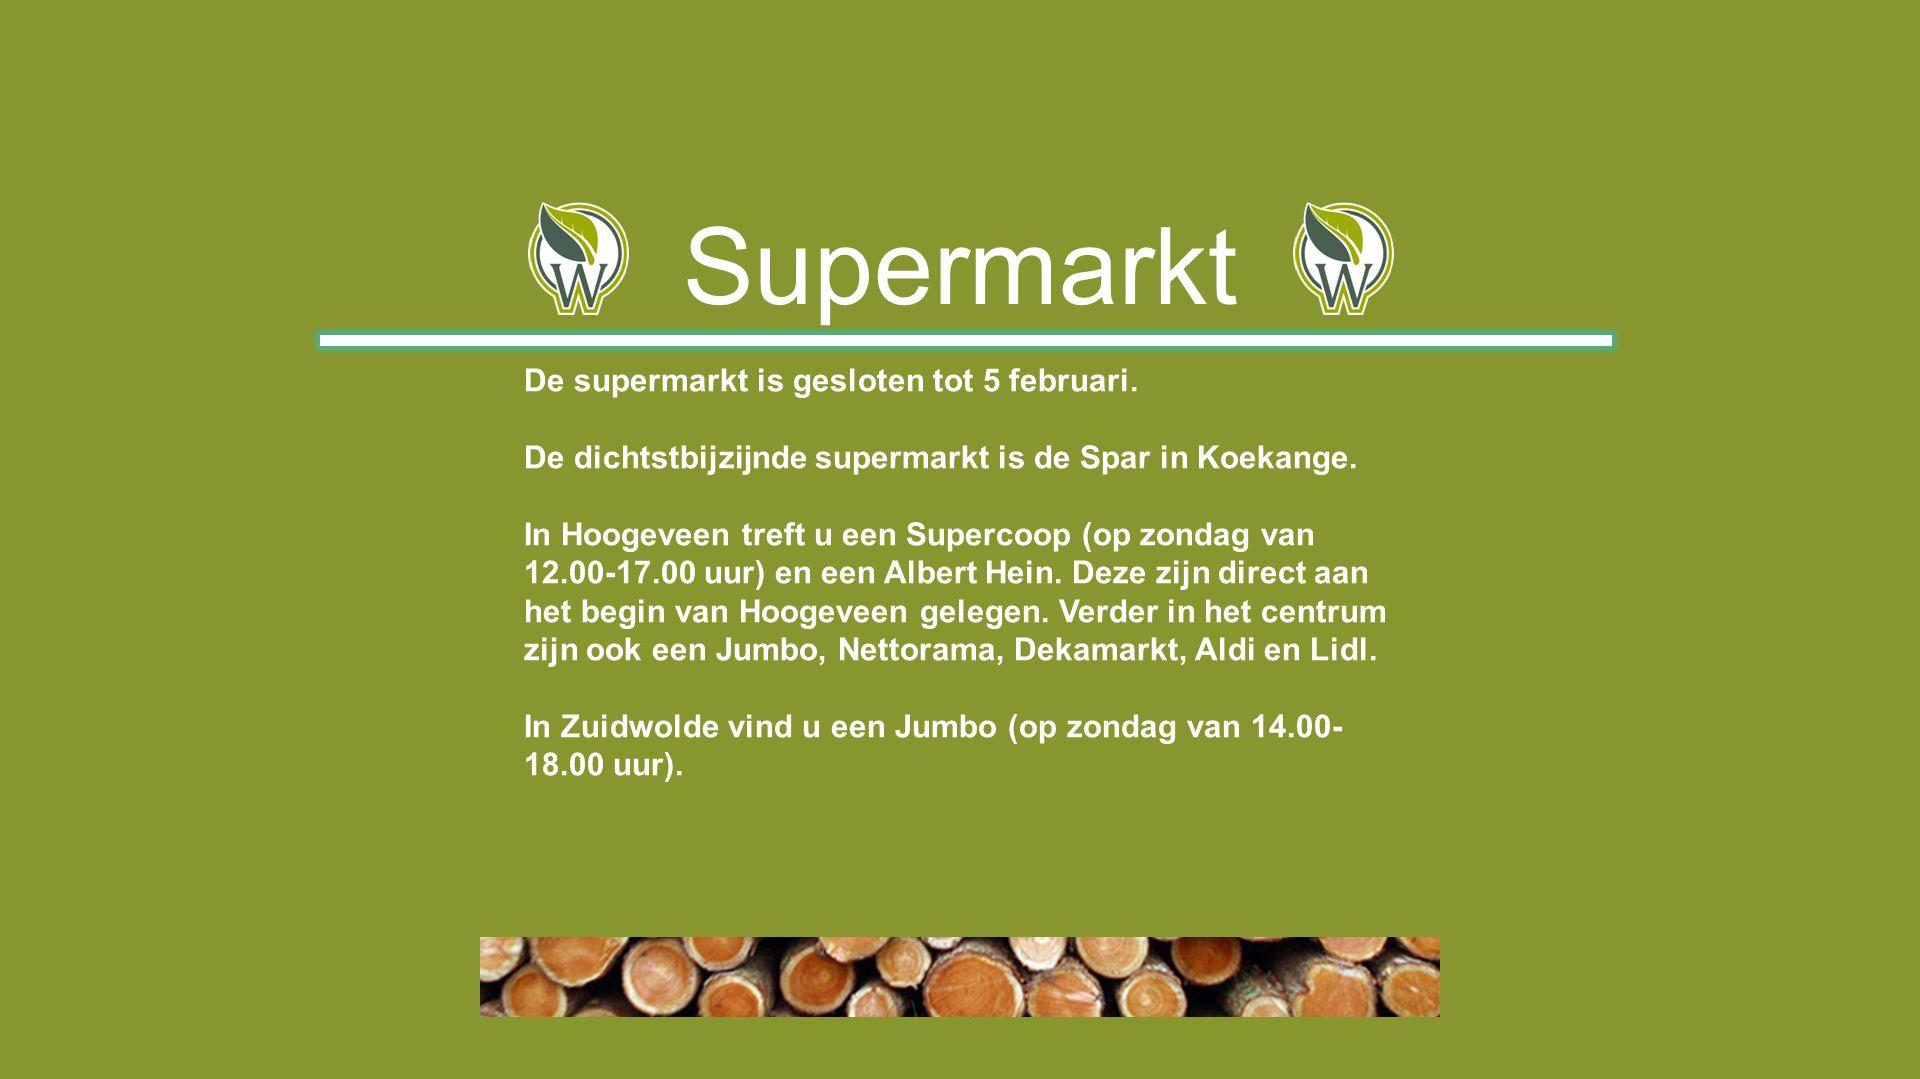 Supermarkt De supermarkt is gesloten tot 5 februari.